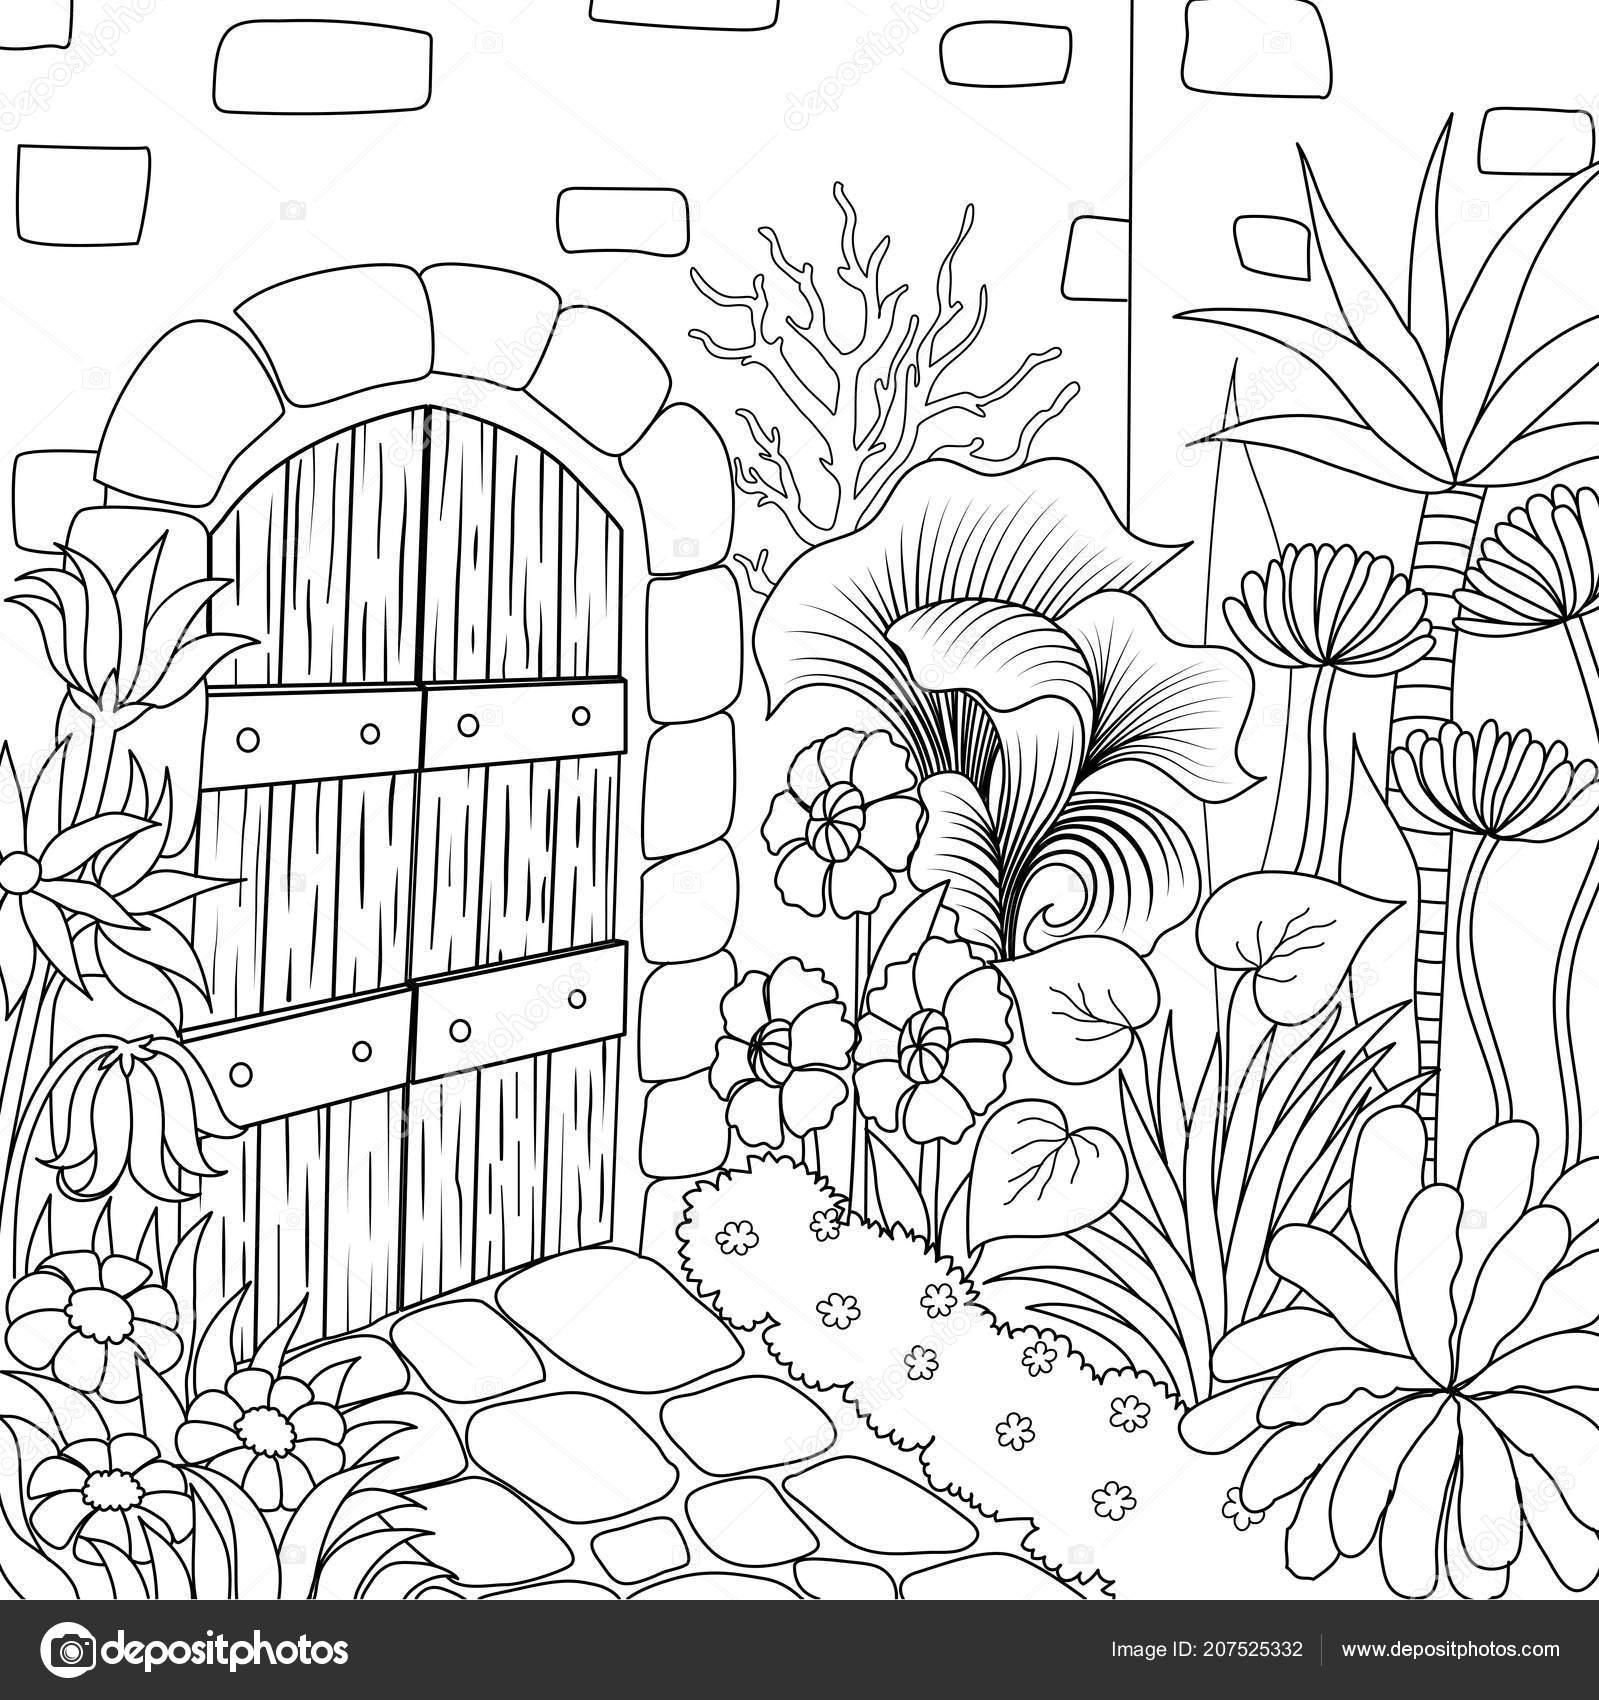 Basit çizgi Sanatı Kitabı Sayfa Boyama Için Güzel Bir Bahçe